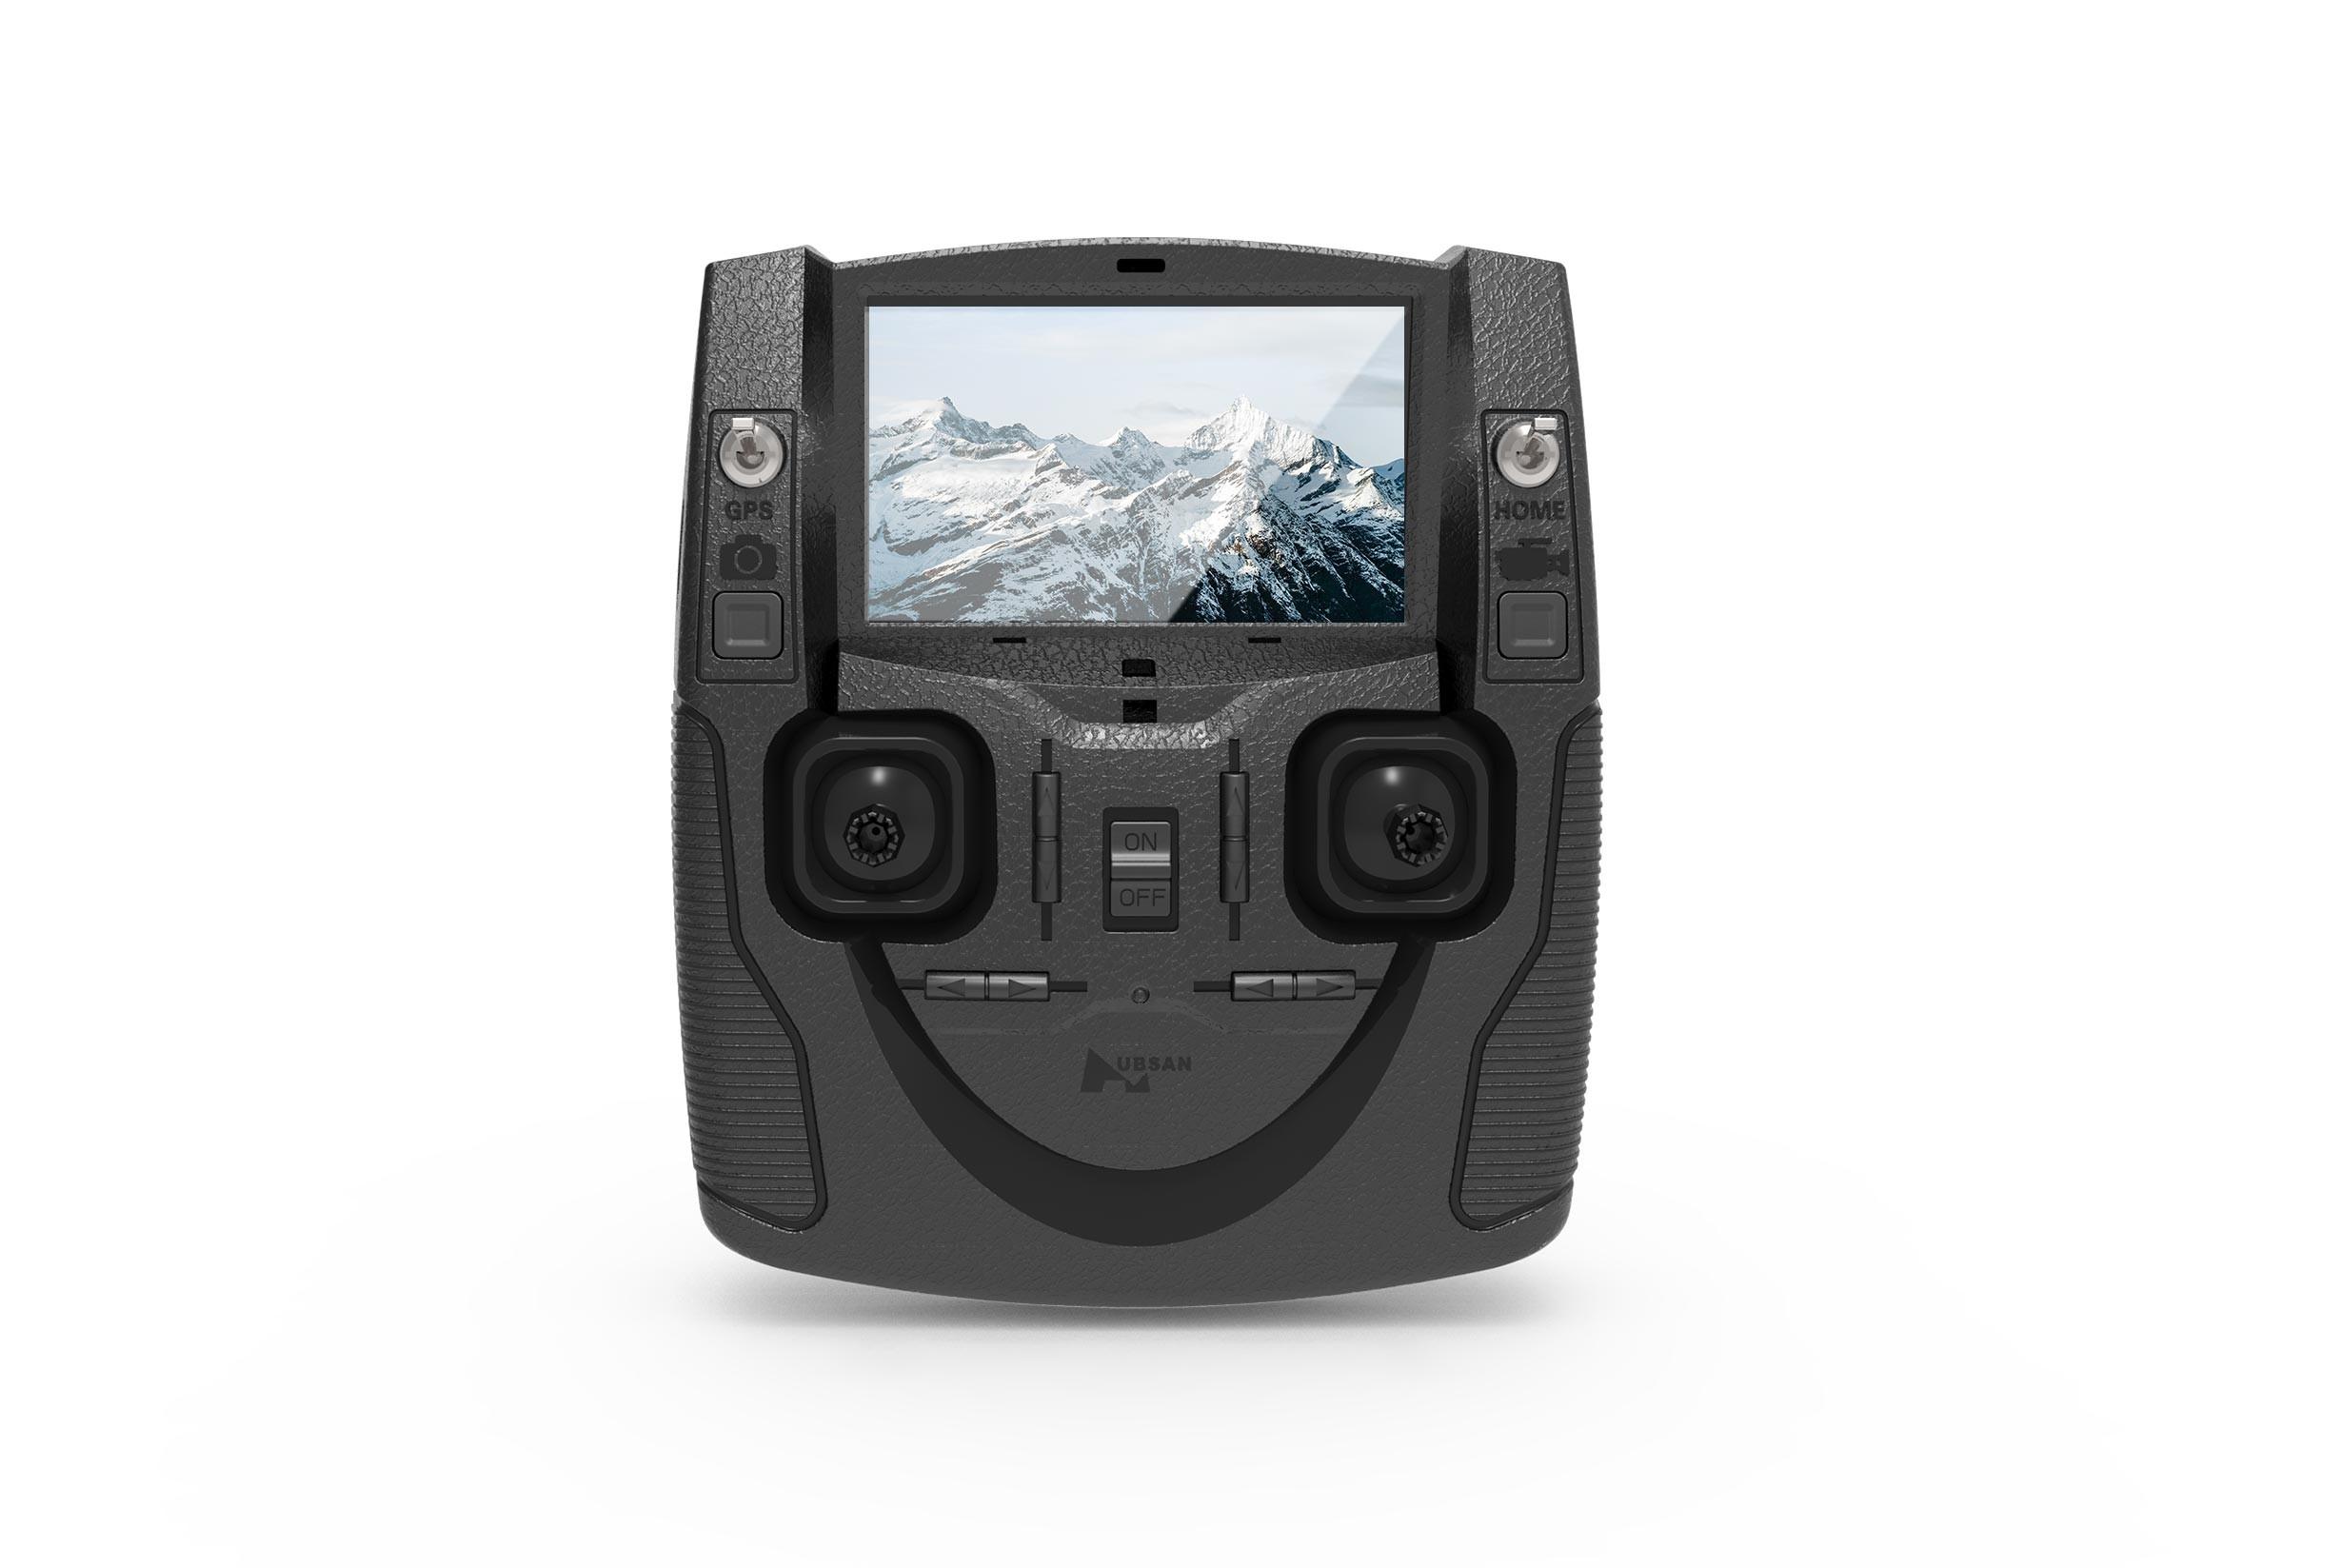 Hubsan H502S Desire kamerás drón kijelzős távirányítója